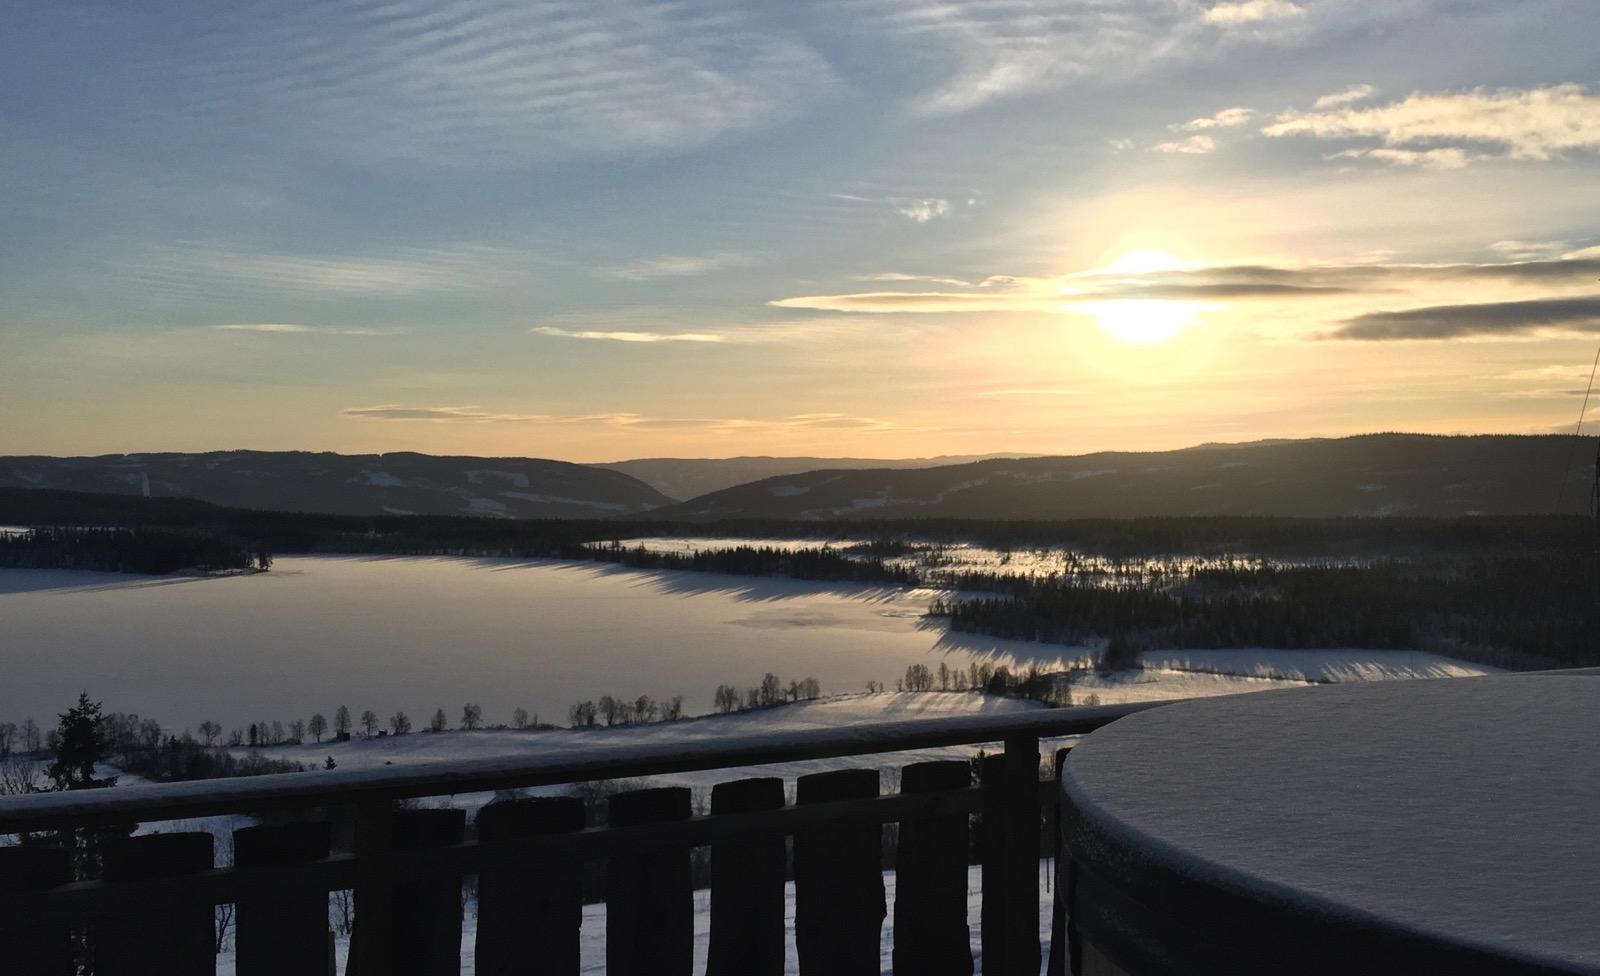 Sol og snø bak badestampen på Ullsaker